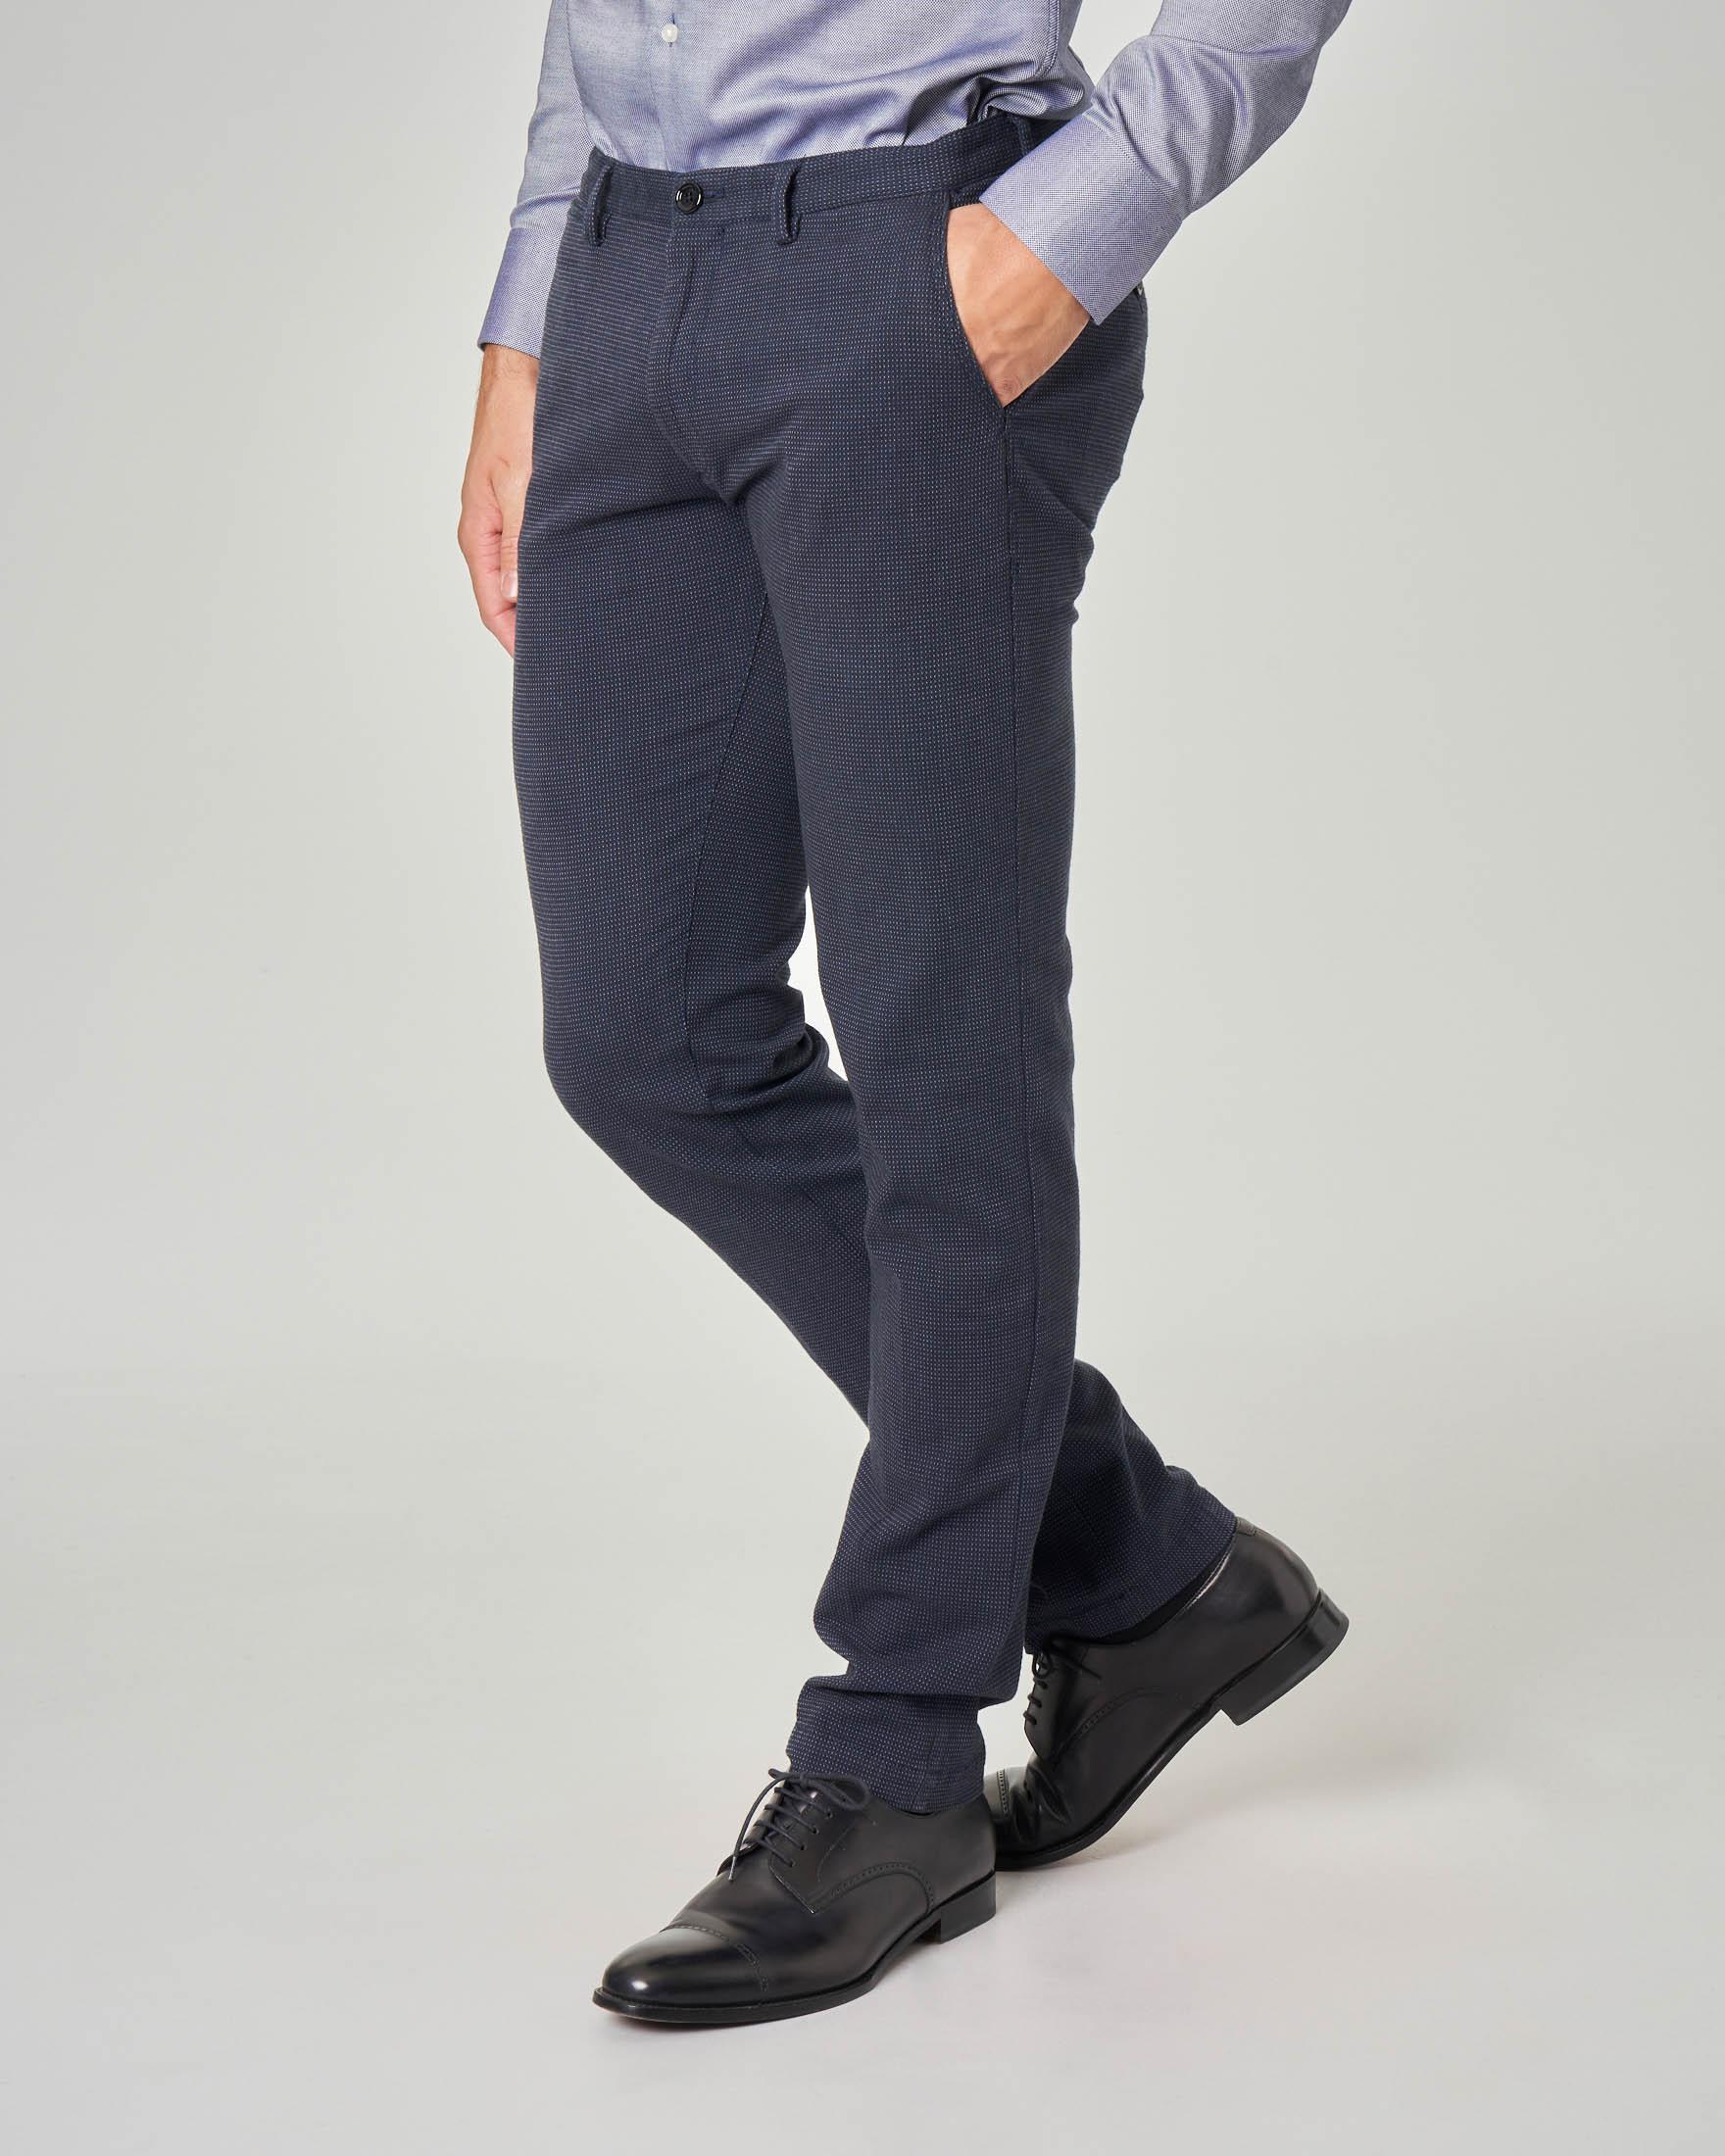 Pantalone blu microarmatura in tessuto stretch